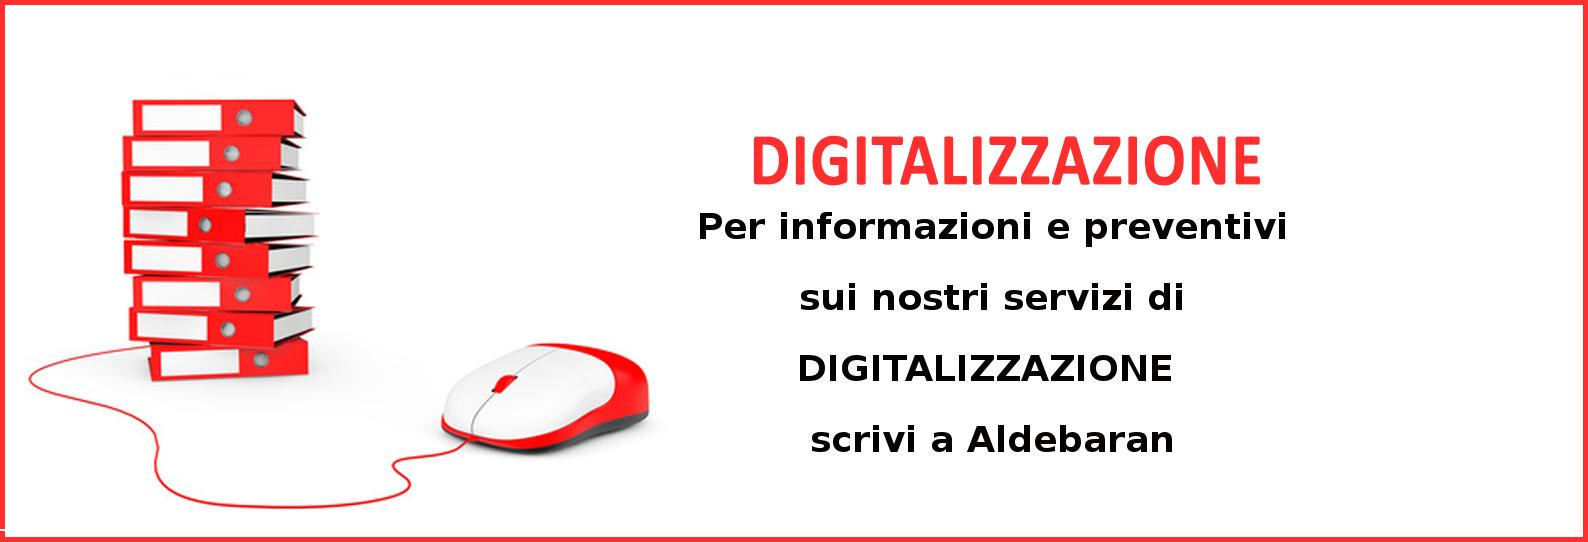 Aldebaran_sito-pll_banner_digitalizzazione